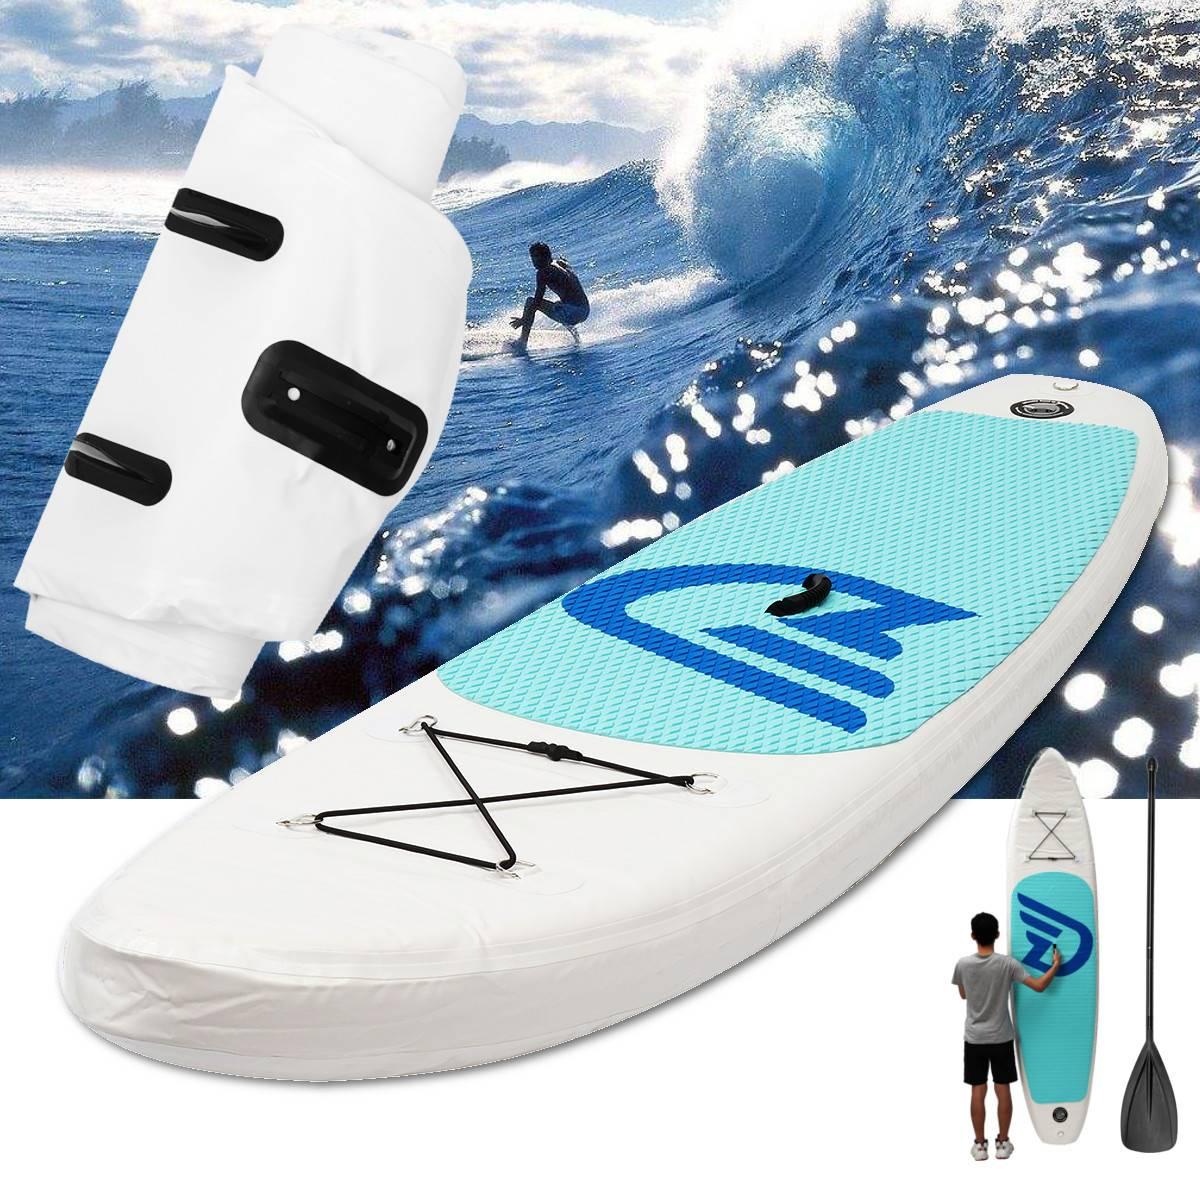 Gonflable planche de Surf 10ft Surf Paddle Board Stand Up Pompe À Eau Pied Laisse Plage Océan Body-Board Fournitures De Sports Nautiques